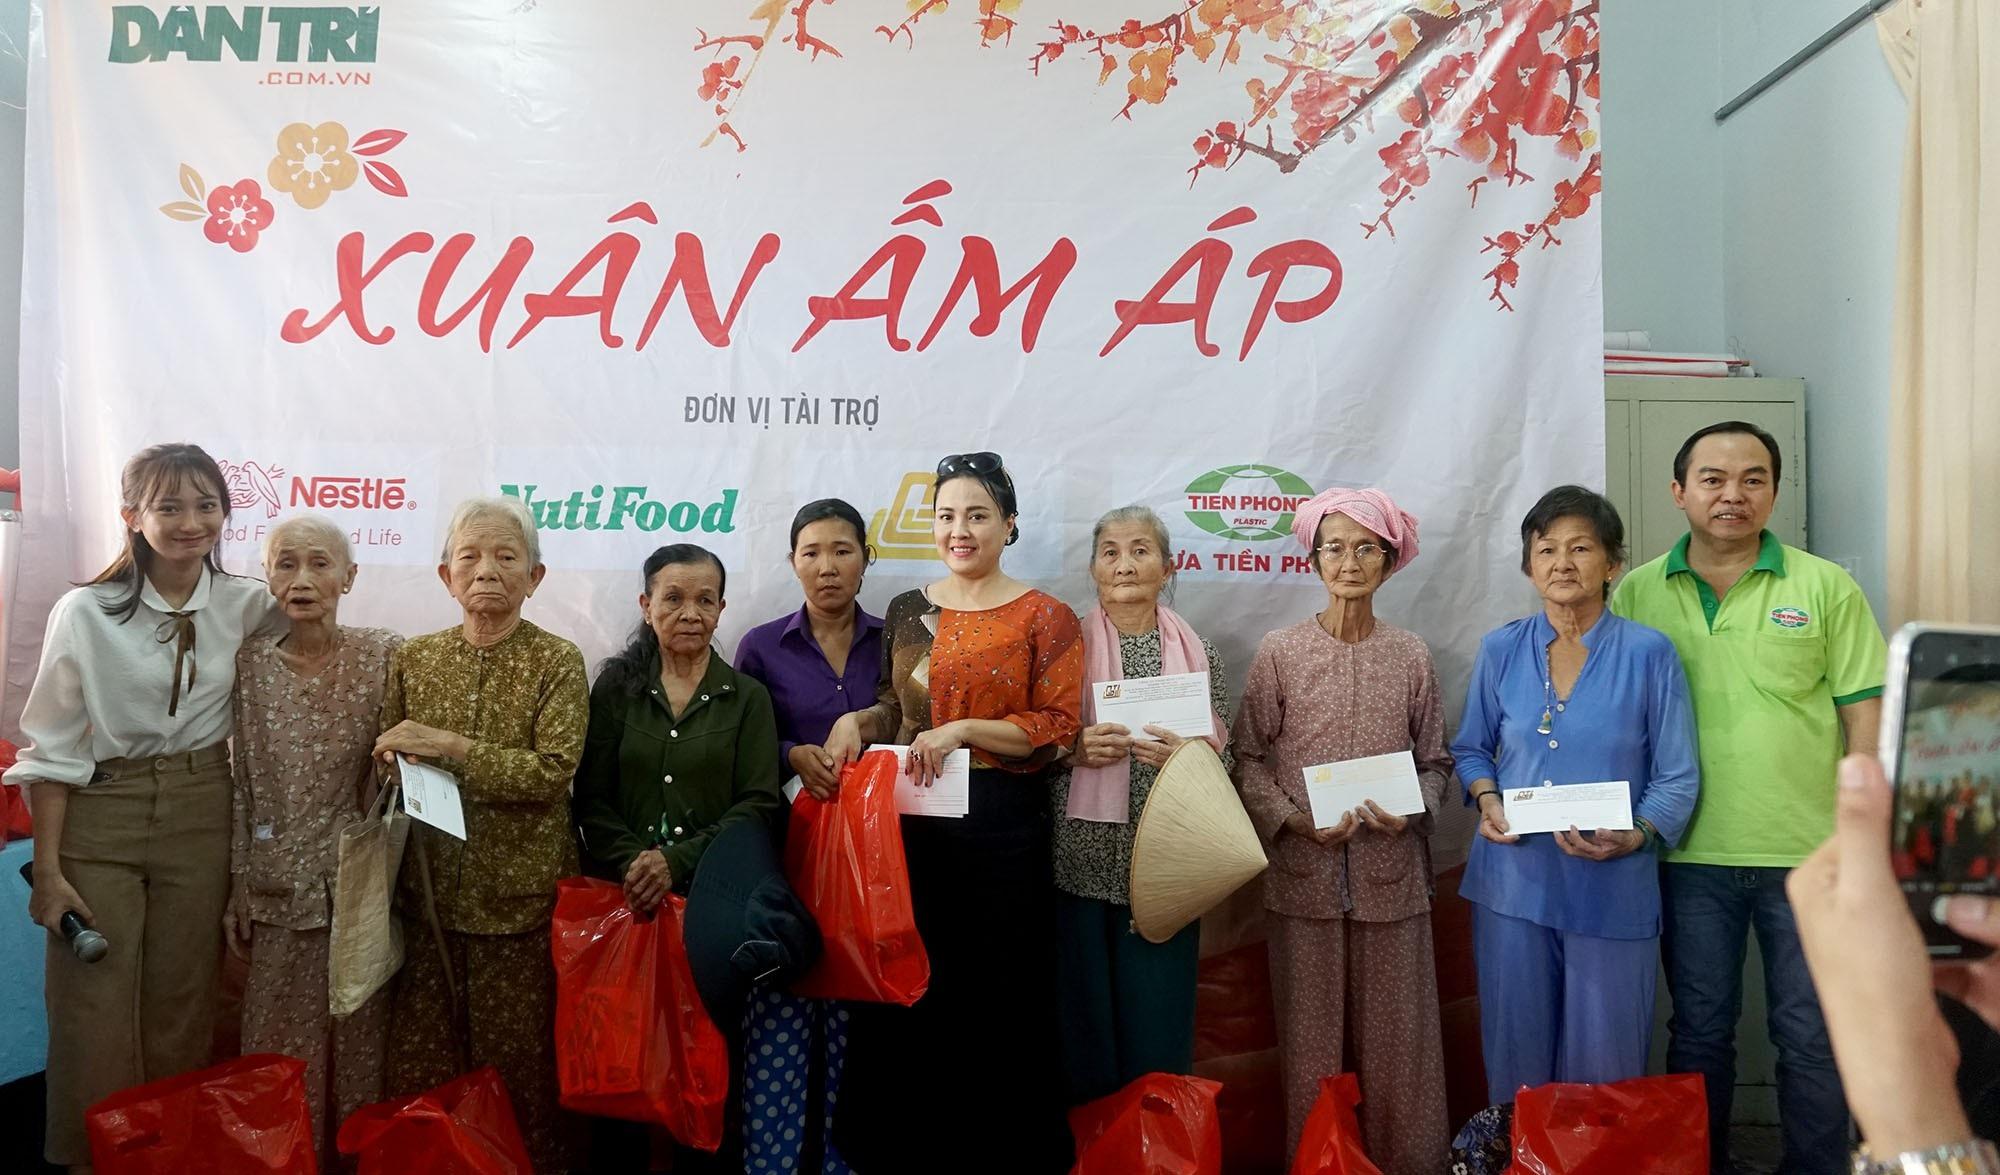 """Báo Dân trí đem """"Xuân Ấm Áp"""" đến với học sinh, giáo viên và người dân nghèo tỉnh Đồng Nai - Ảnh 11."""